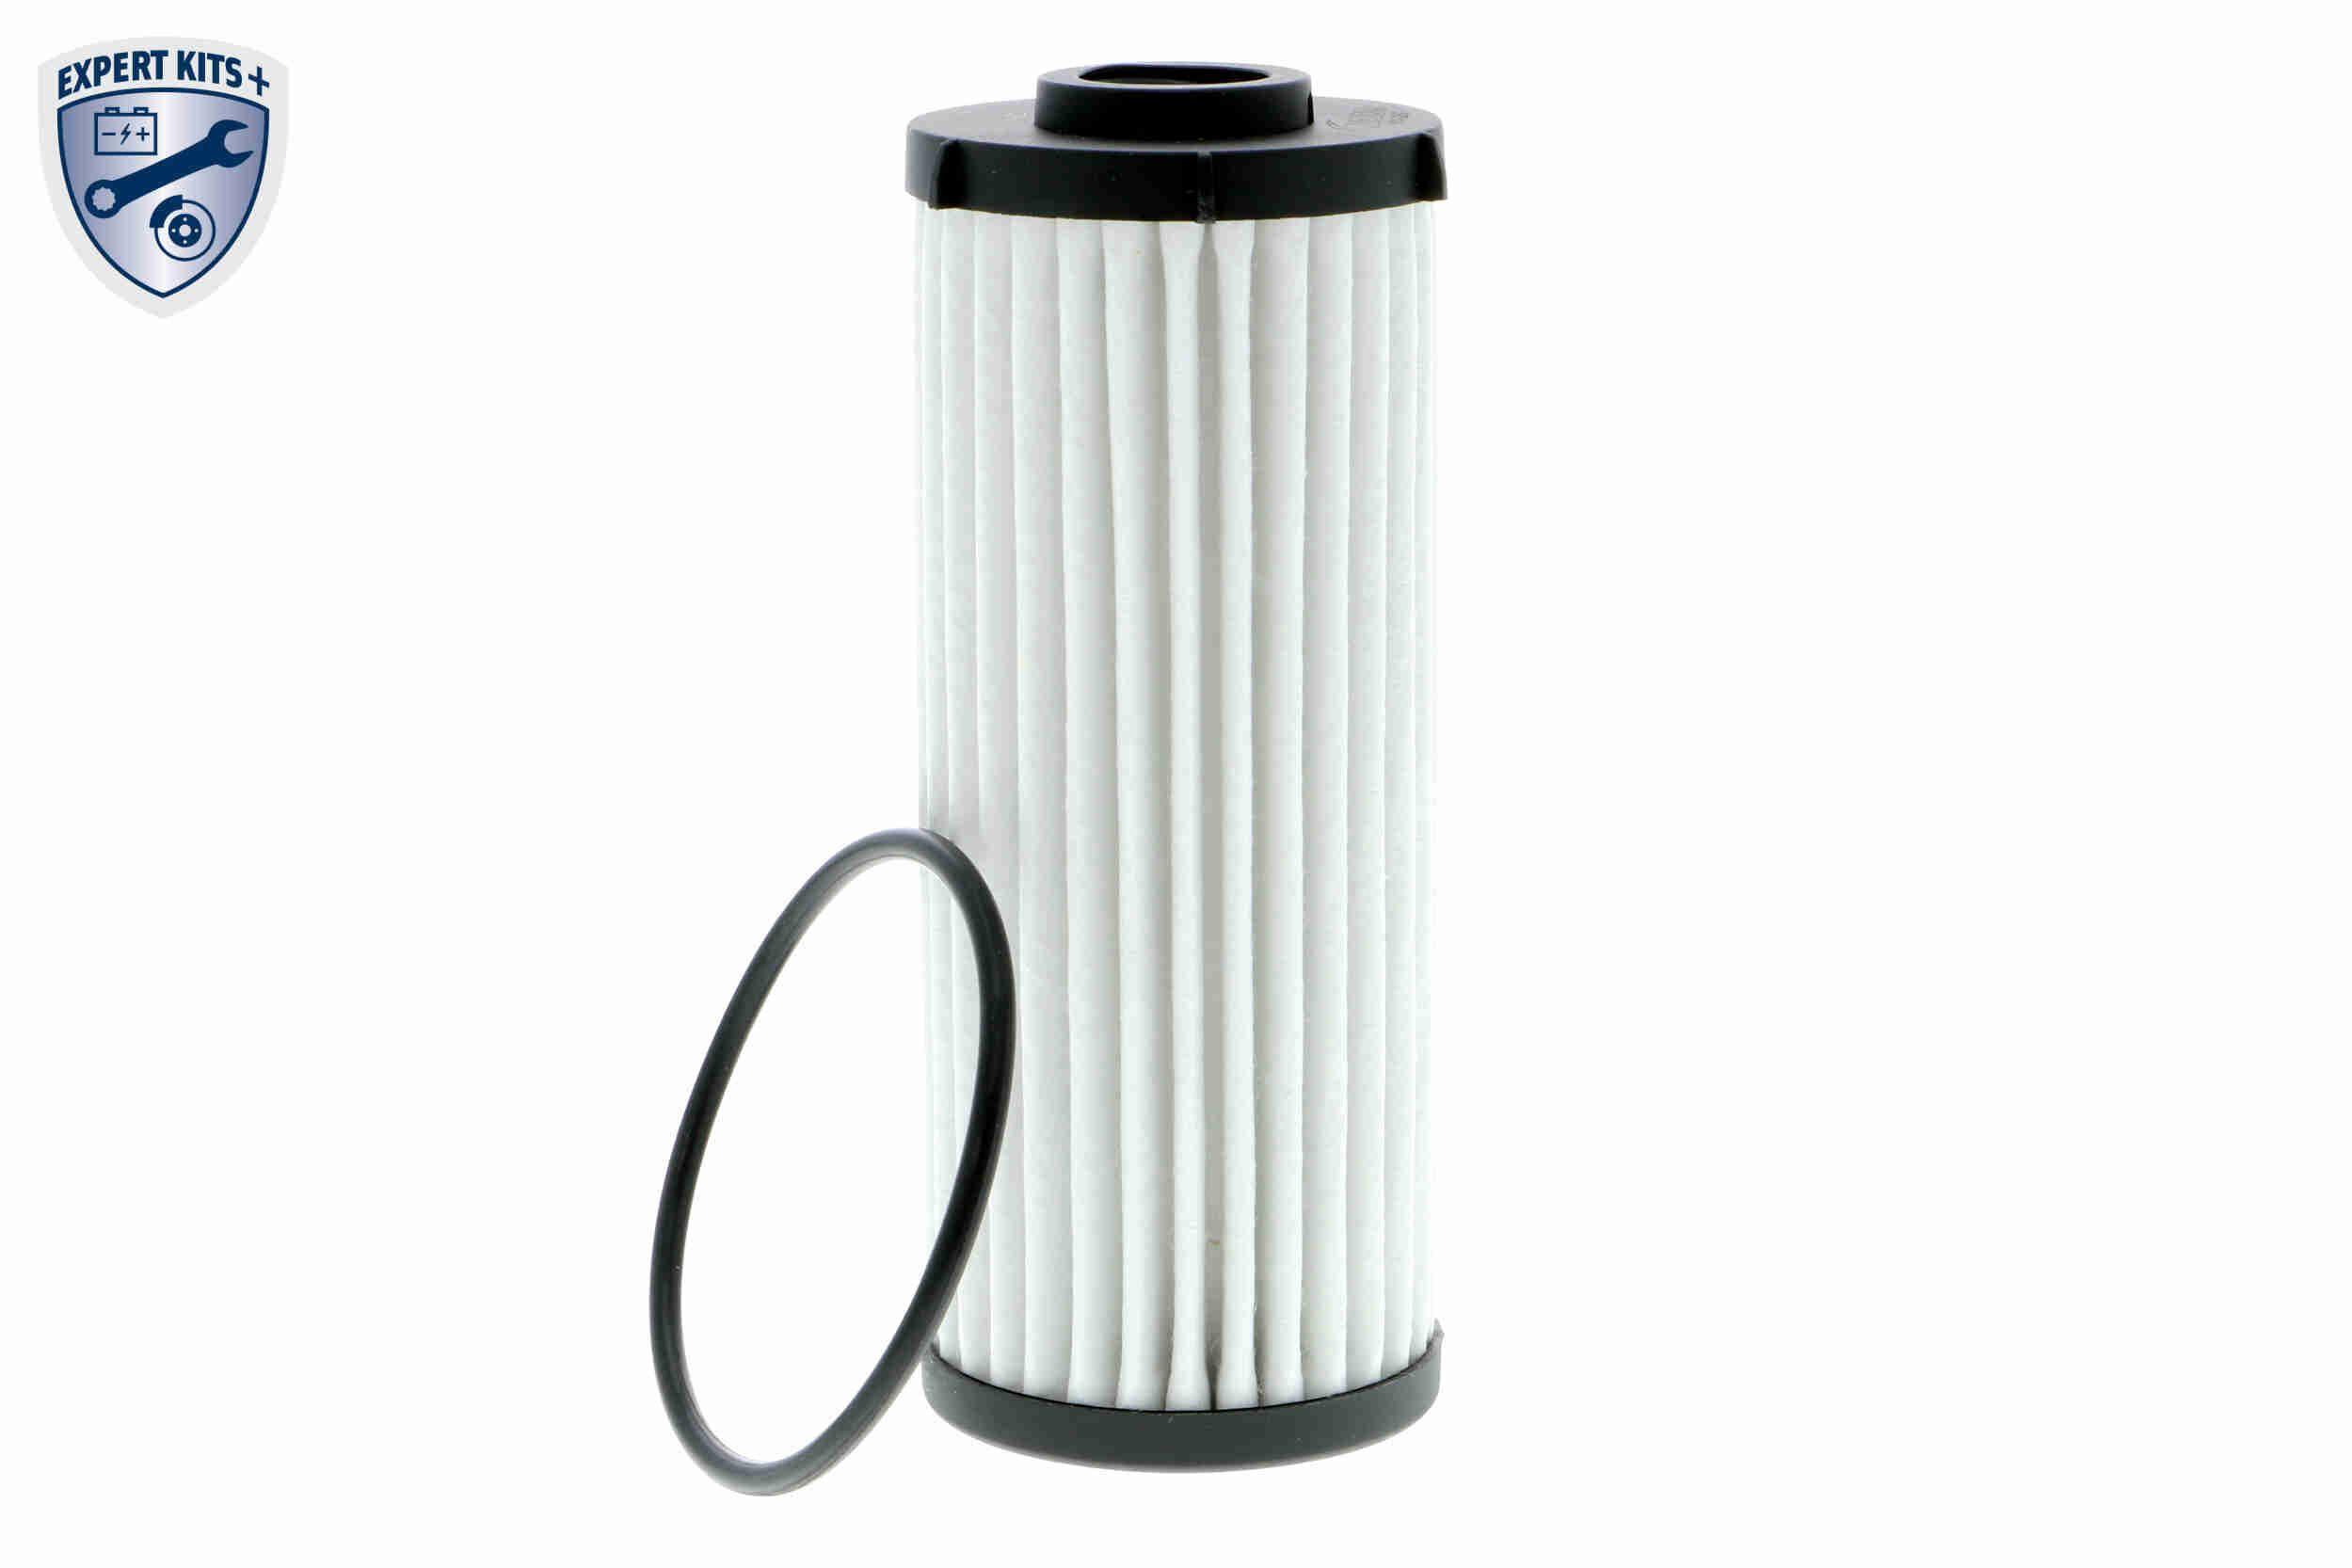 0BH325183D VAICO mit Dichtring, EXPERT KITS + Hydraulikfilter, Automatikgetriebe V10-2287 günstig kaufen